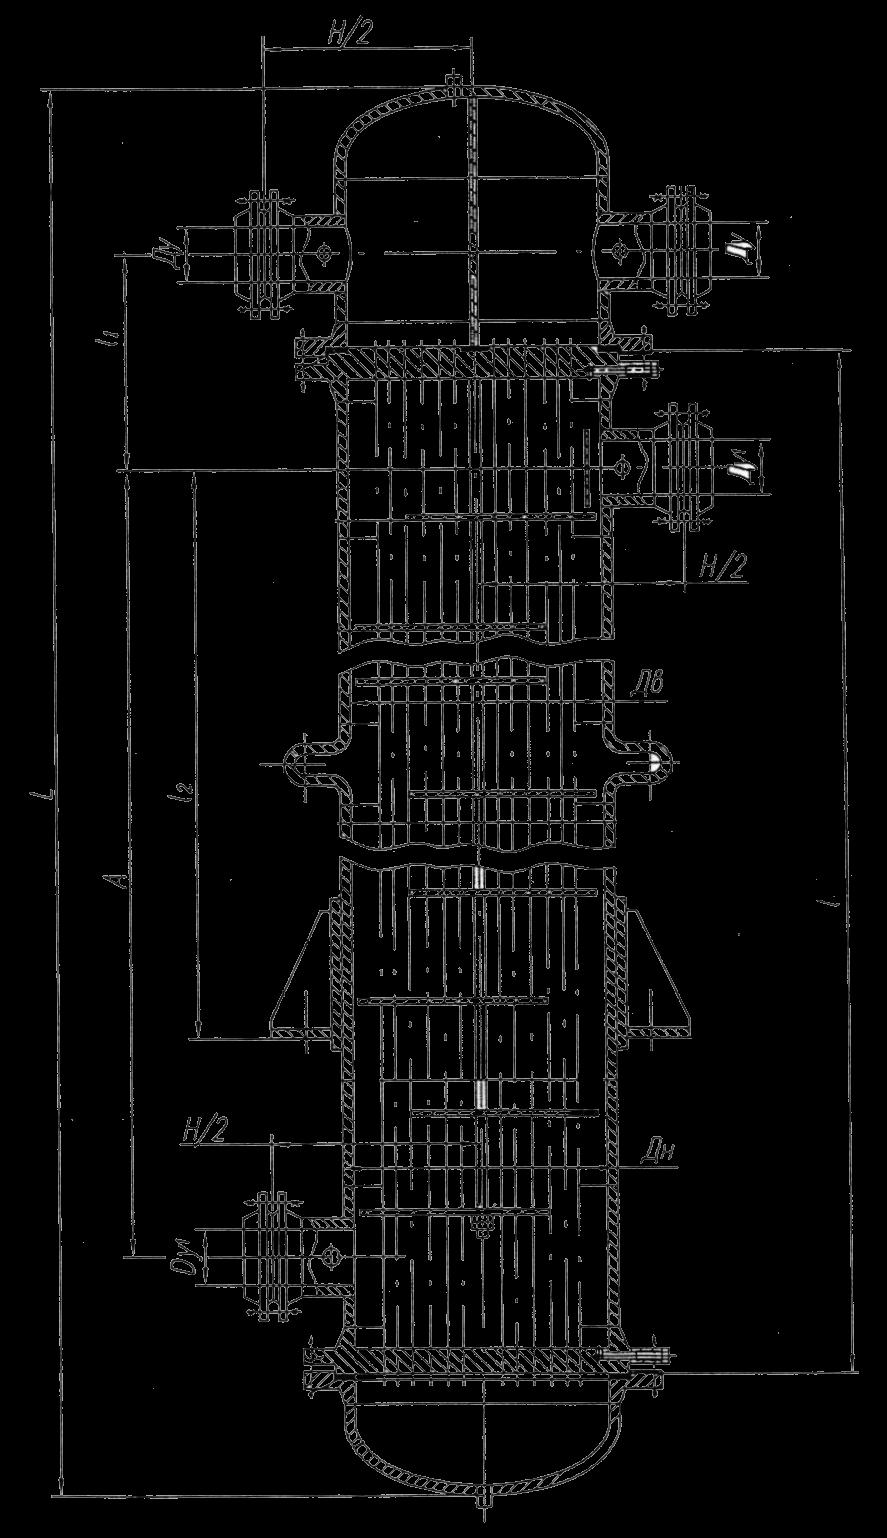 Теплообменник типа тк Пластинчатый теплообменник Машимпэкс (GEA) NT 250S Архангельск